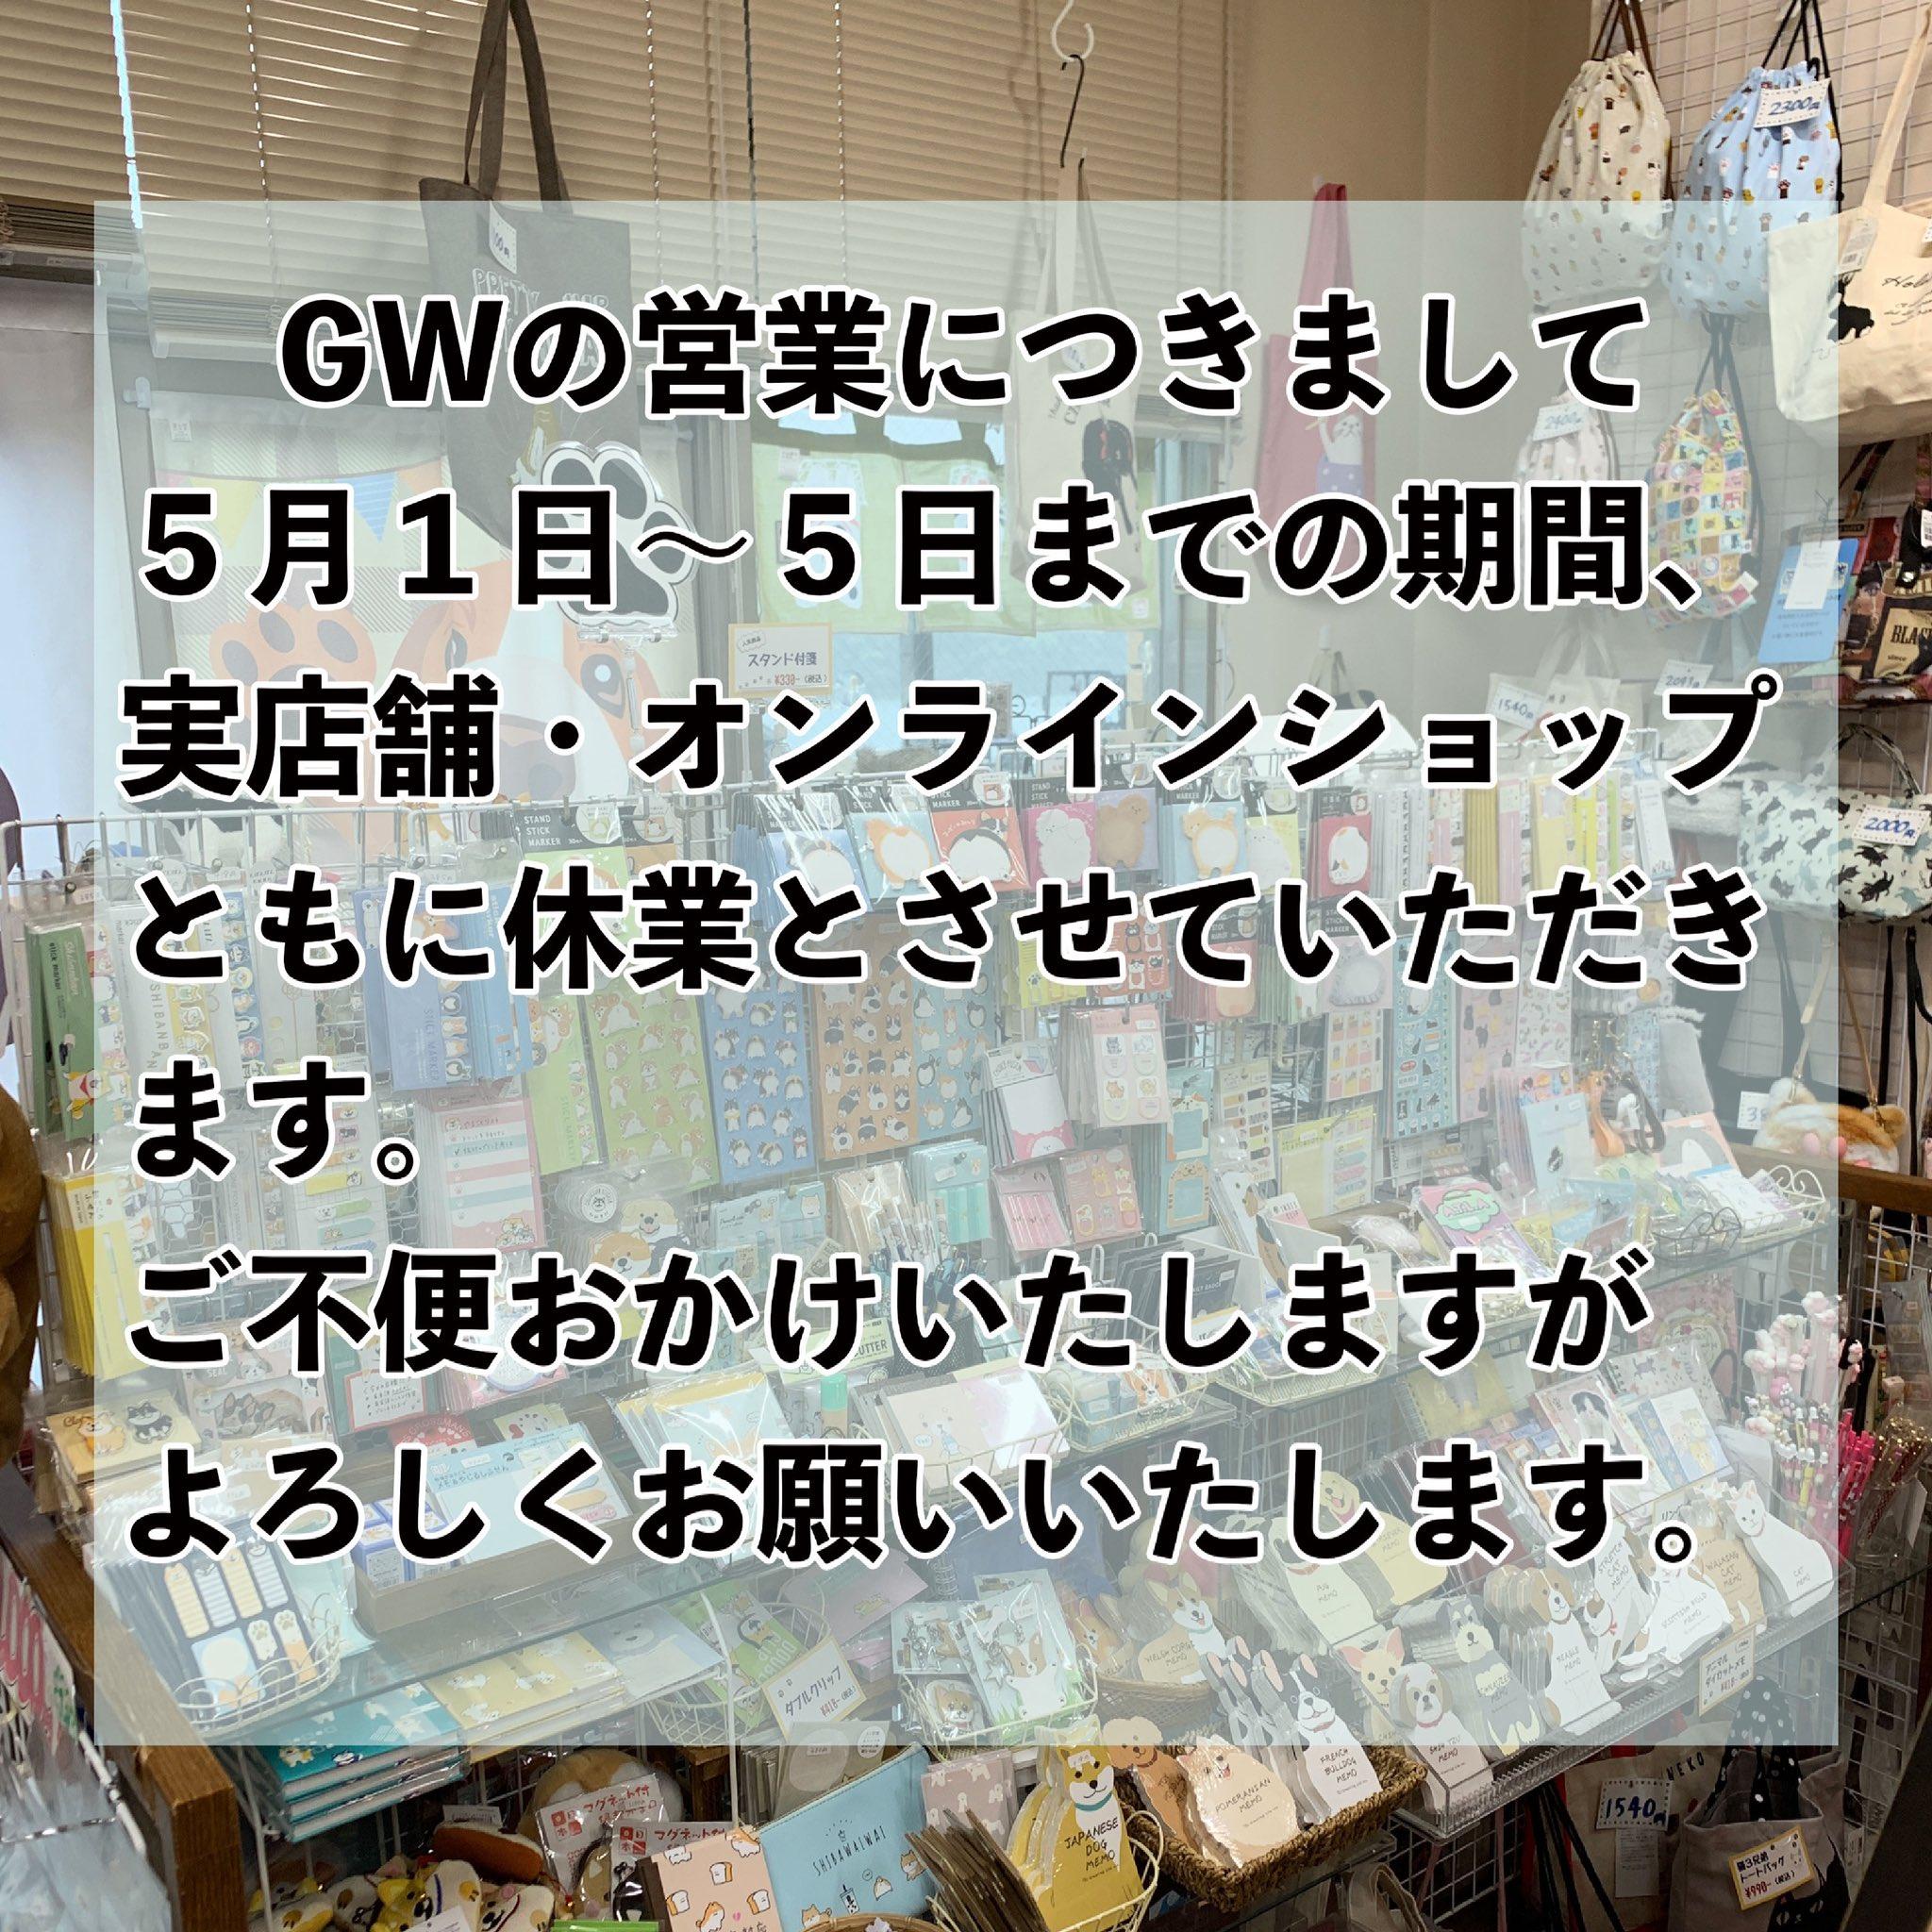 【お知らせ】GW休業いたします